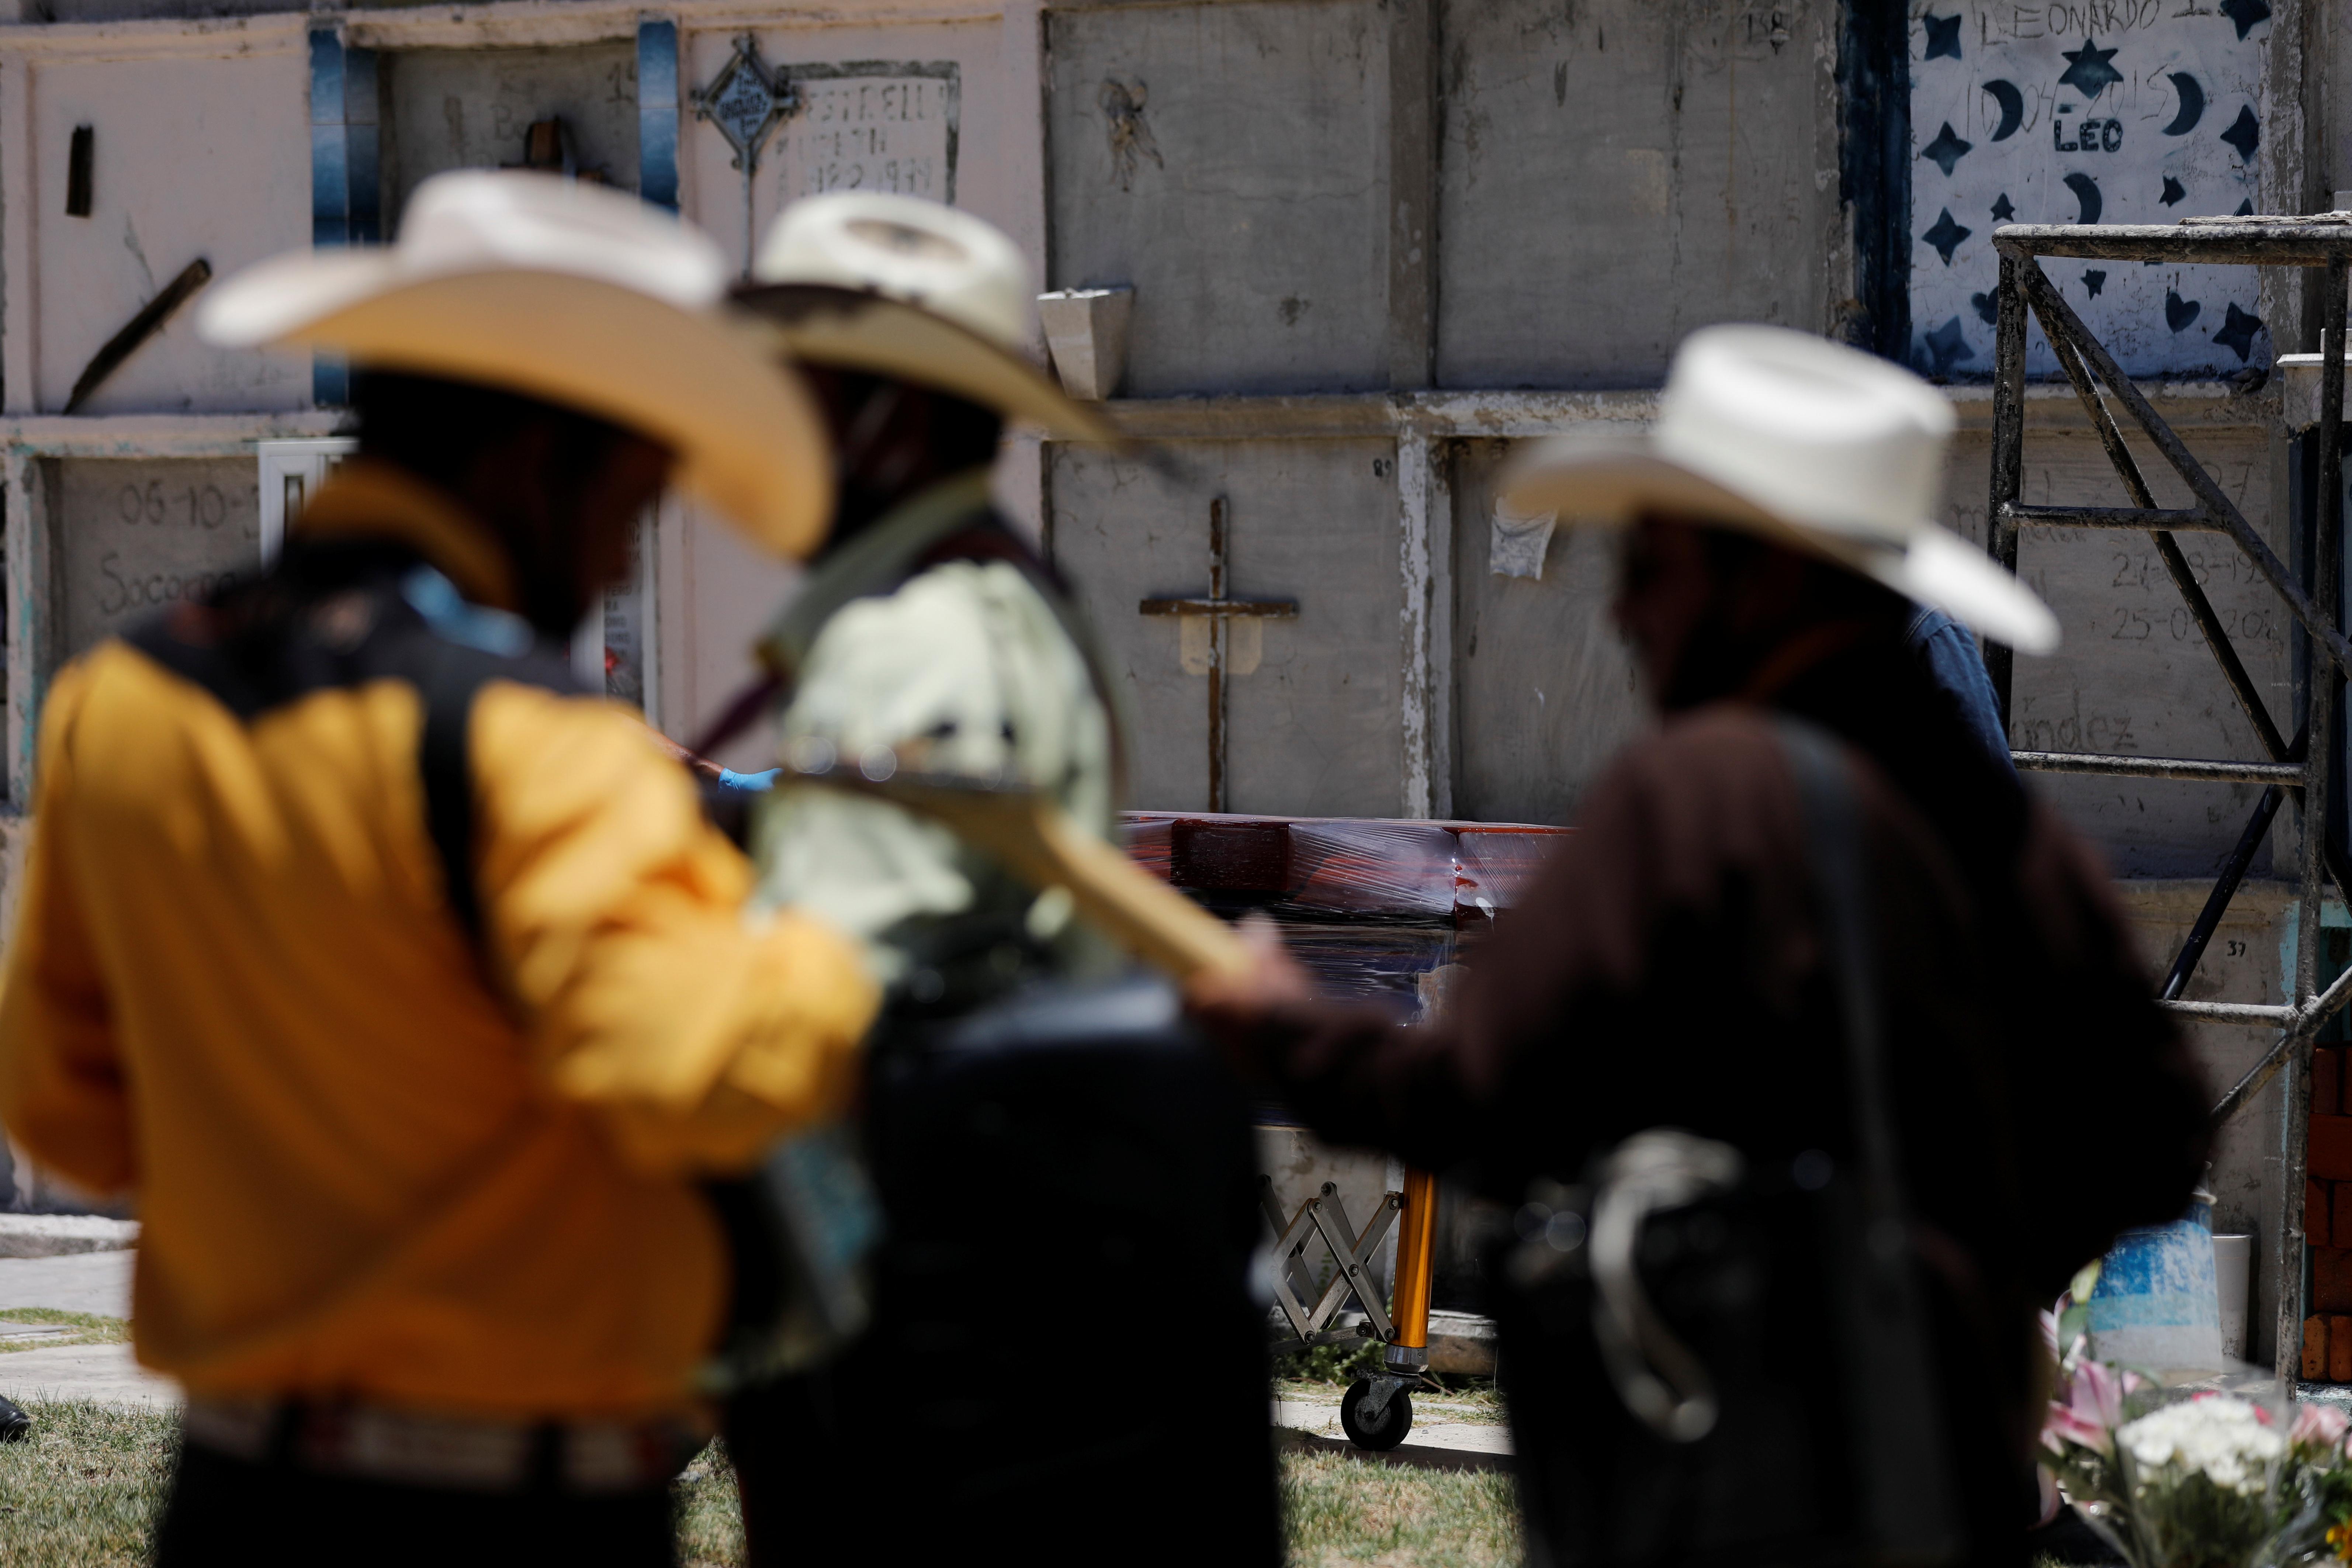 Los músicos tocan música durante el entierro de una mujer que murió de la enfermedad del coronavirus (COVID-19), en el cementerio municipal de Nezahualcóyotl, Estado de México, México, 12 de junio de 2020. Foto: Reuters.